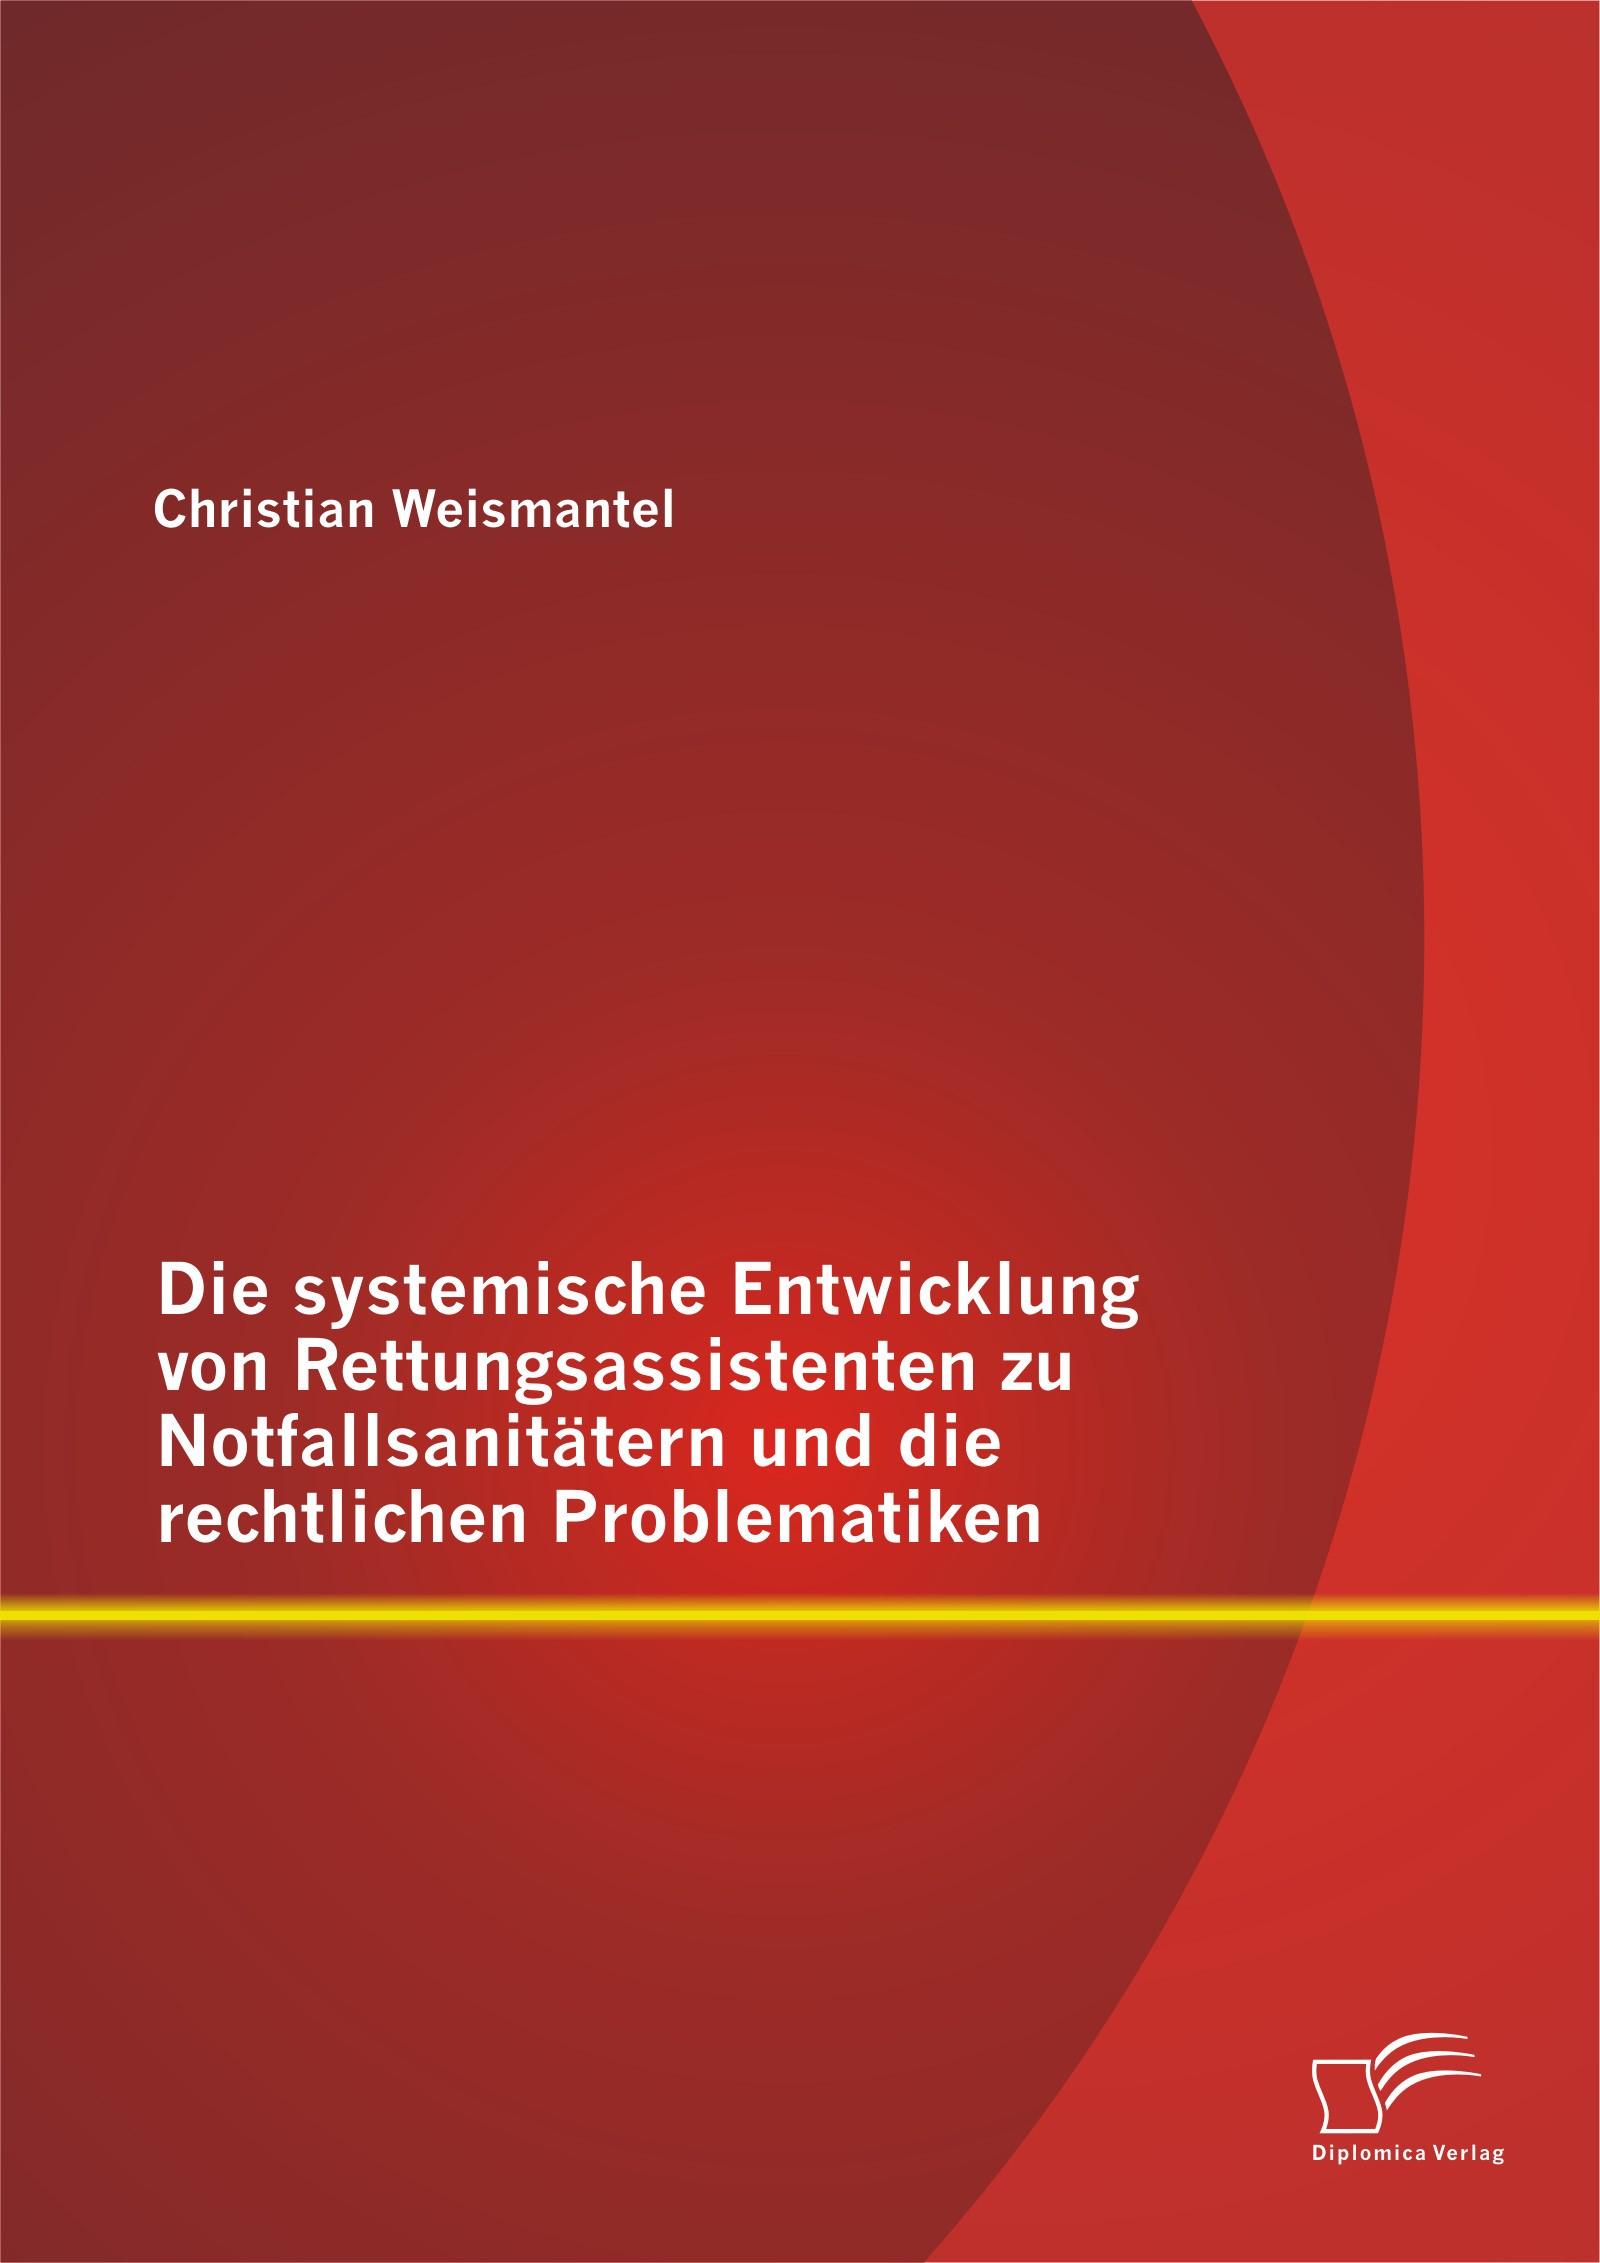 Abbildung von Weismantel | Die systemische Entwicklung von Rettungsassistenten zu Notfallsanitätern und die rechtlichen Problematiken | 2014